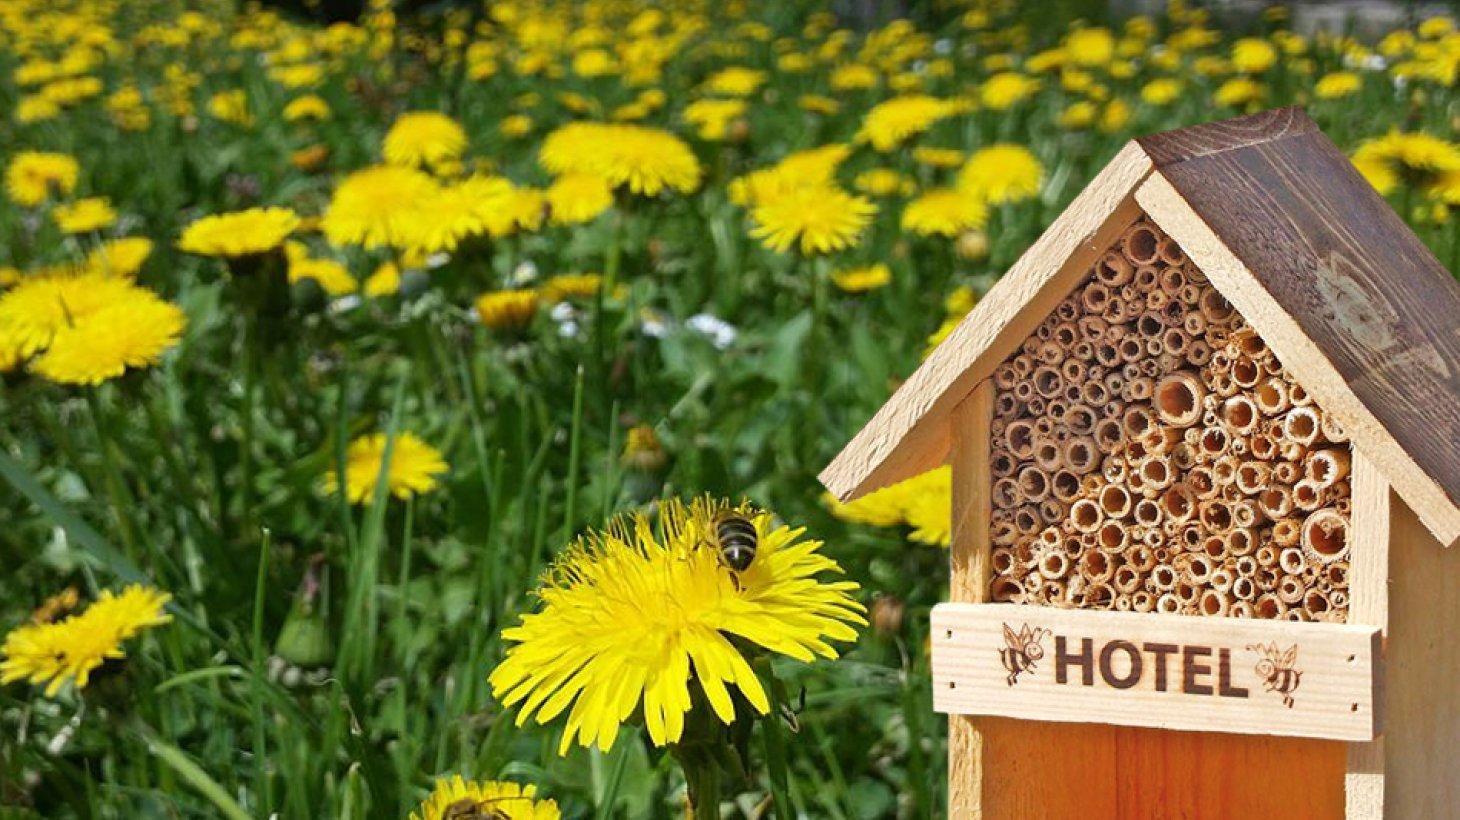 Zonnebloemenveld met bijenhuisje